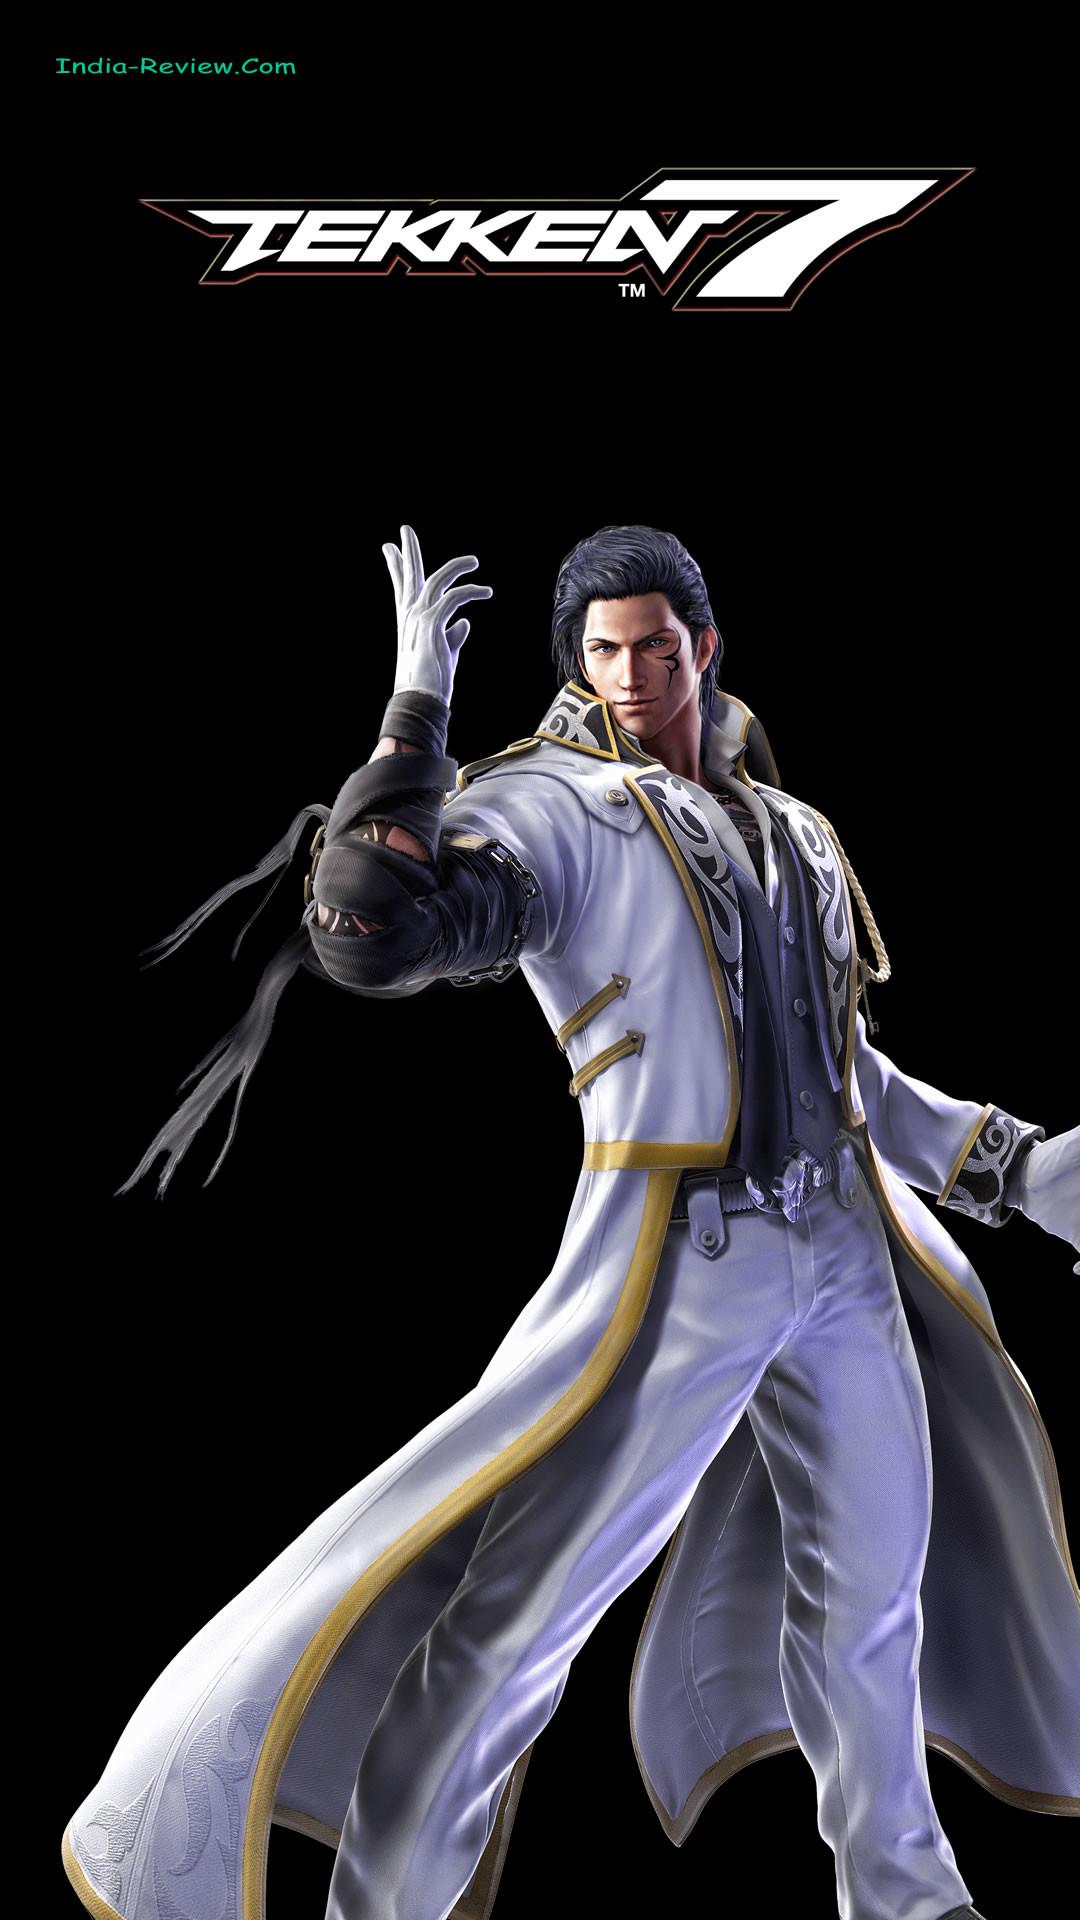 Tekken 7 wallpaper 1080p